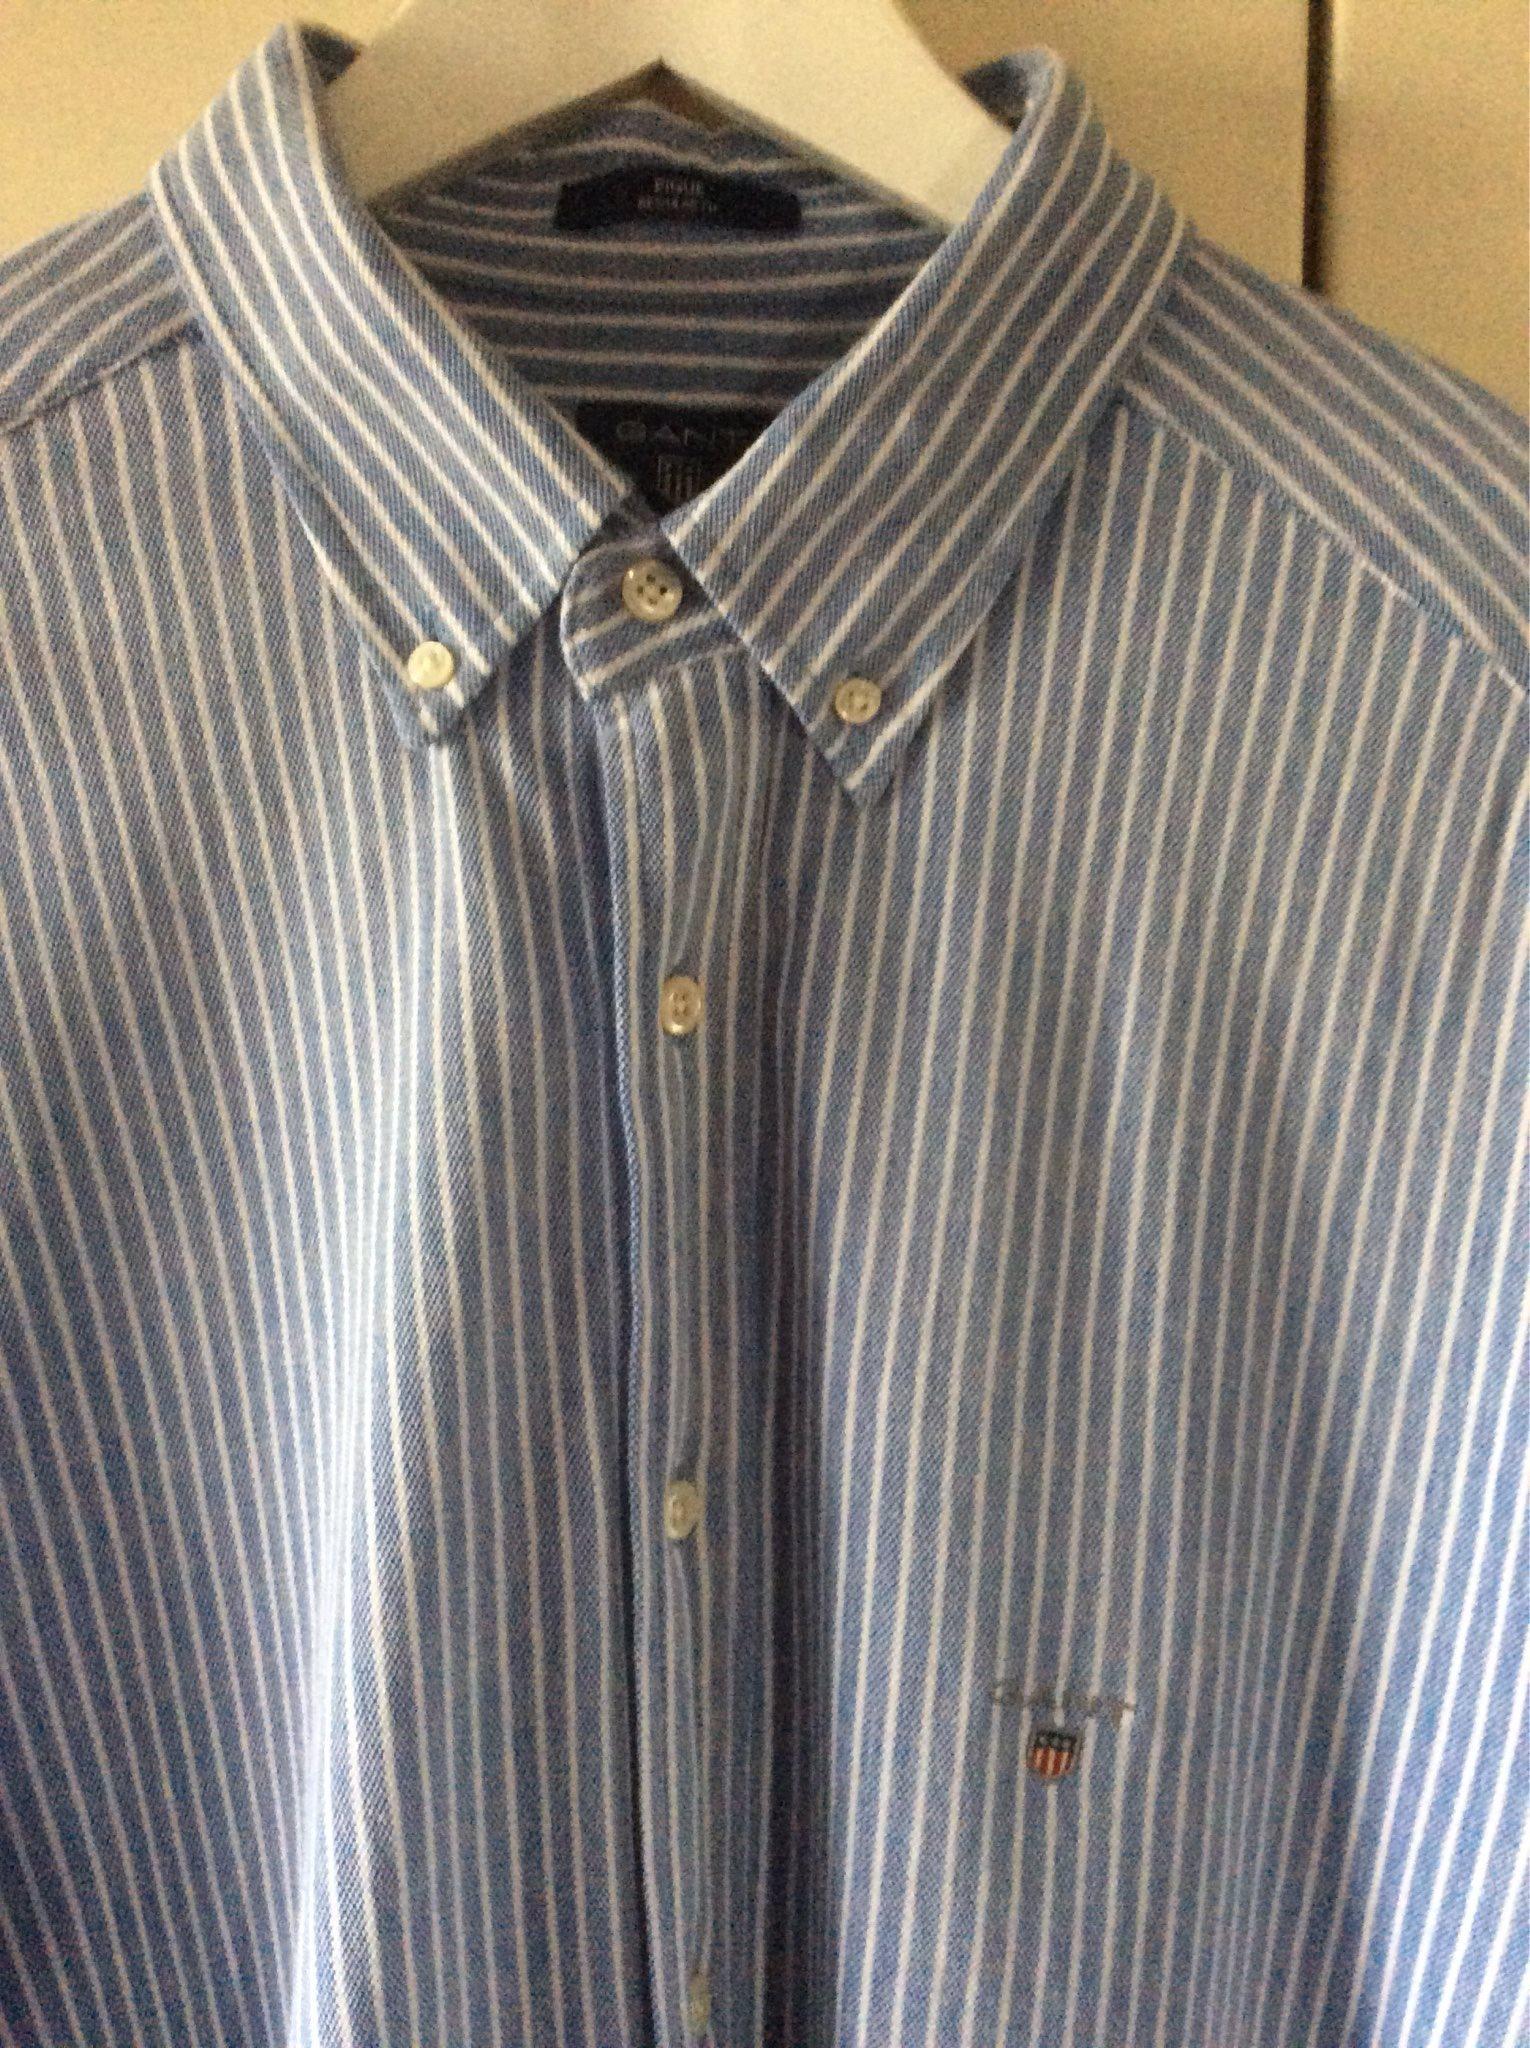 Skjorta Blå vit randig GANT pique regular fit XL 43/44